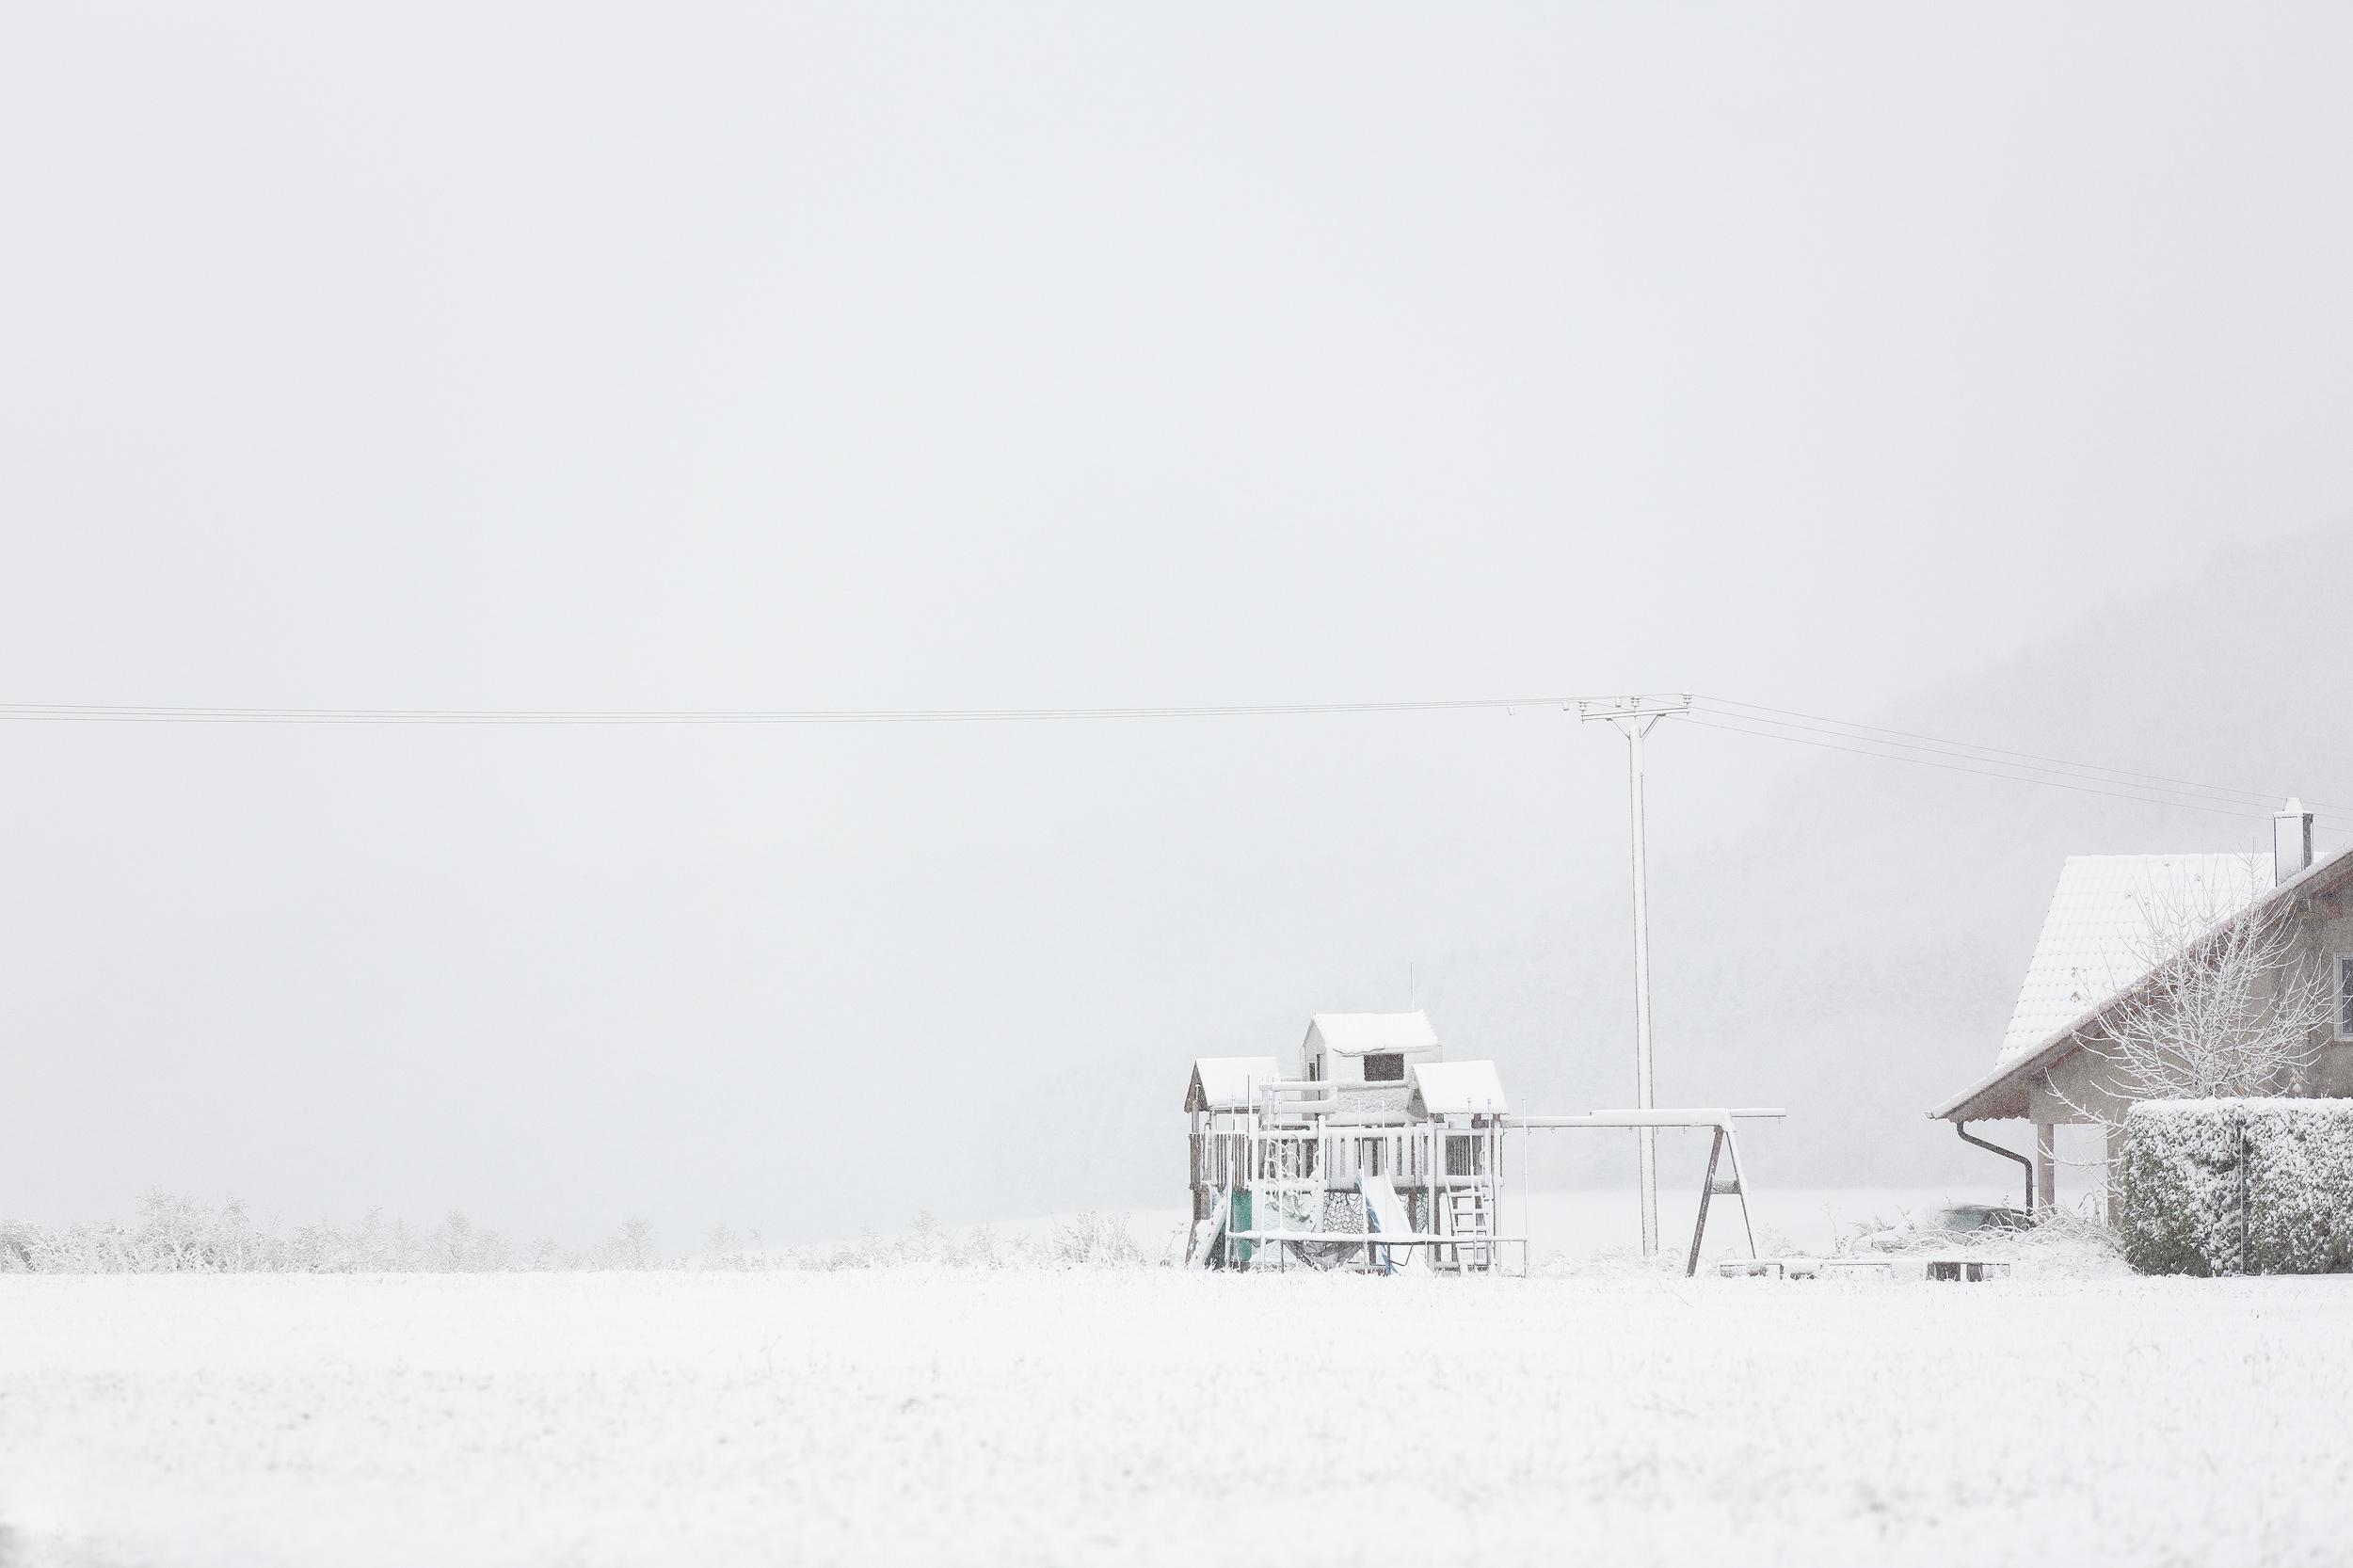 Kinderspielhaus im ersten Schnee des Jahres 2019 auf der Schwäbischen Alb